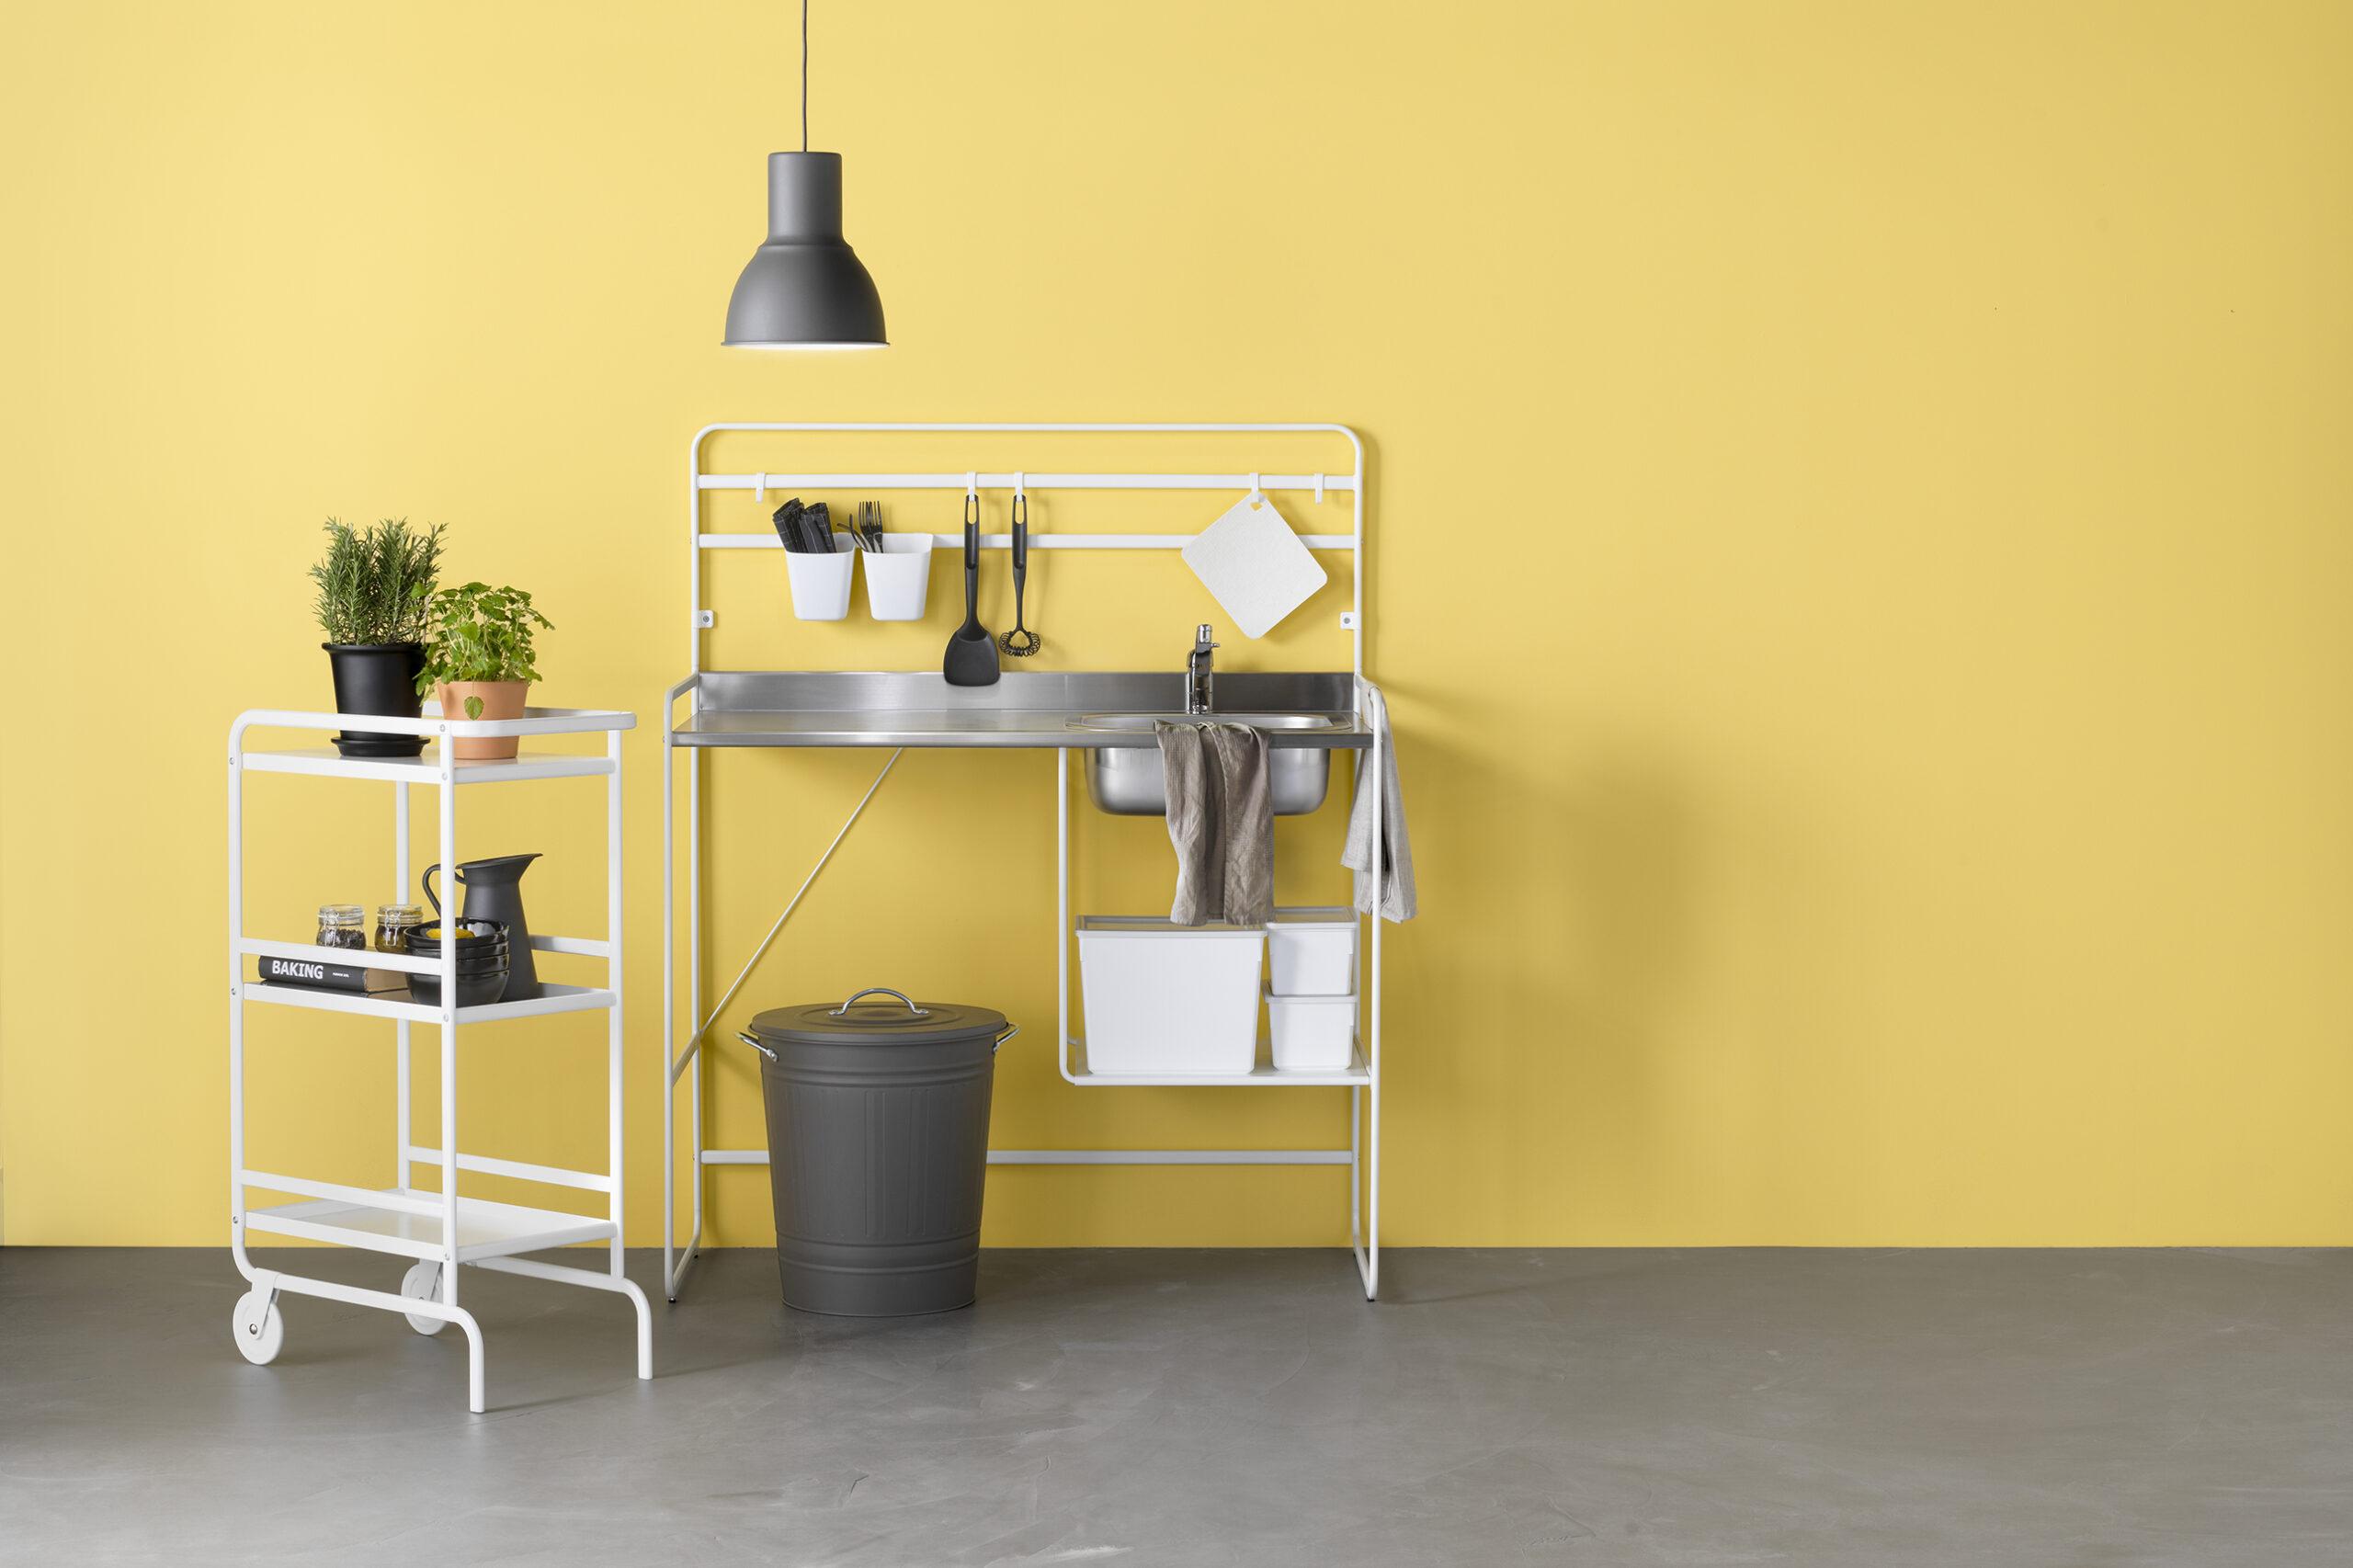 Full Size of Sunnersta Ikea Design Trend Standalone Kitchen Furniture For Urban Homes Modulküche Küche Kosten Sofa Mit Schlaffunktion Kaufen Betten 160x200 Miniküche Bei Wohnzimmer Sunnersta Ikea